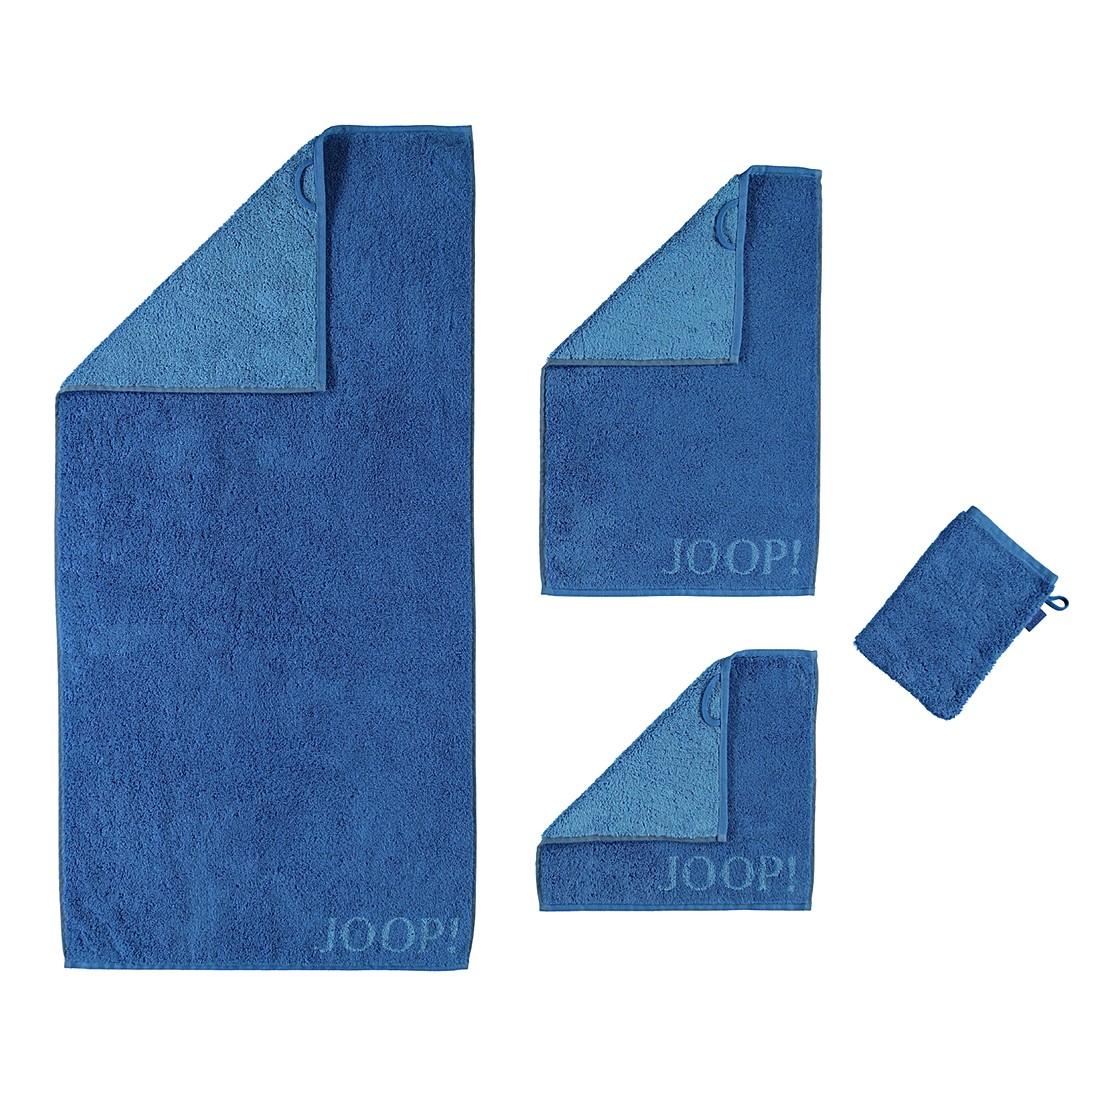 Joop Handtücher ist tolle design für ihr haus design ideen